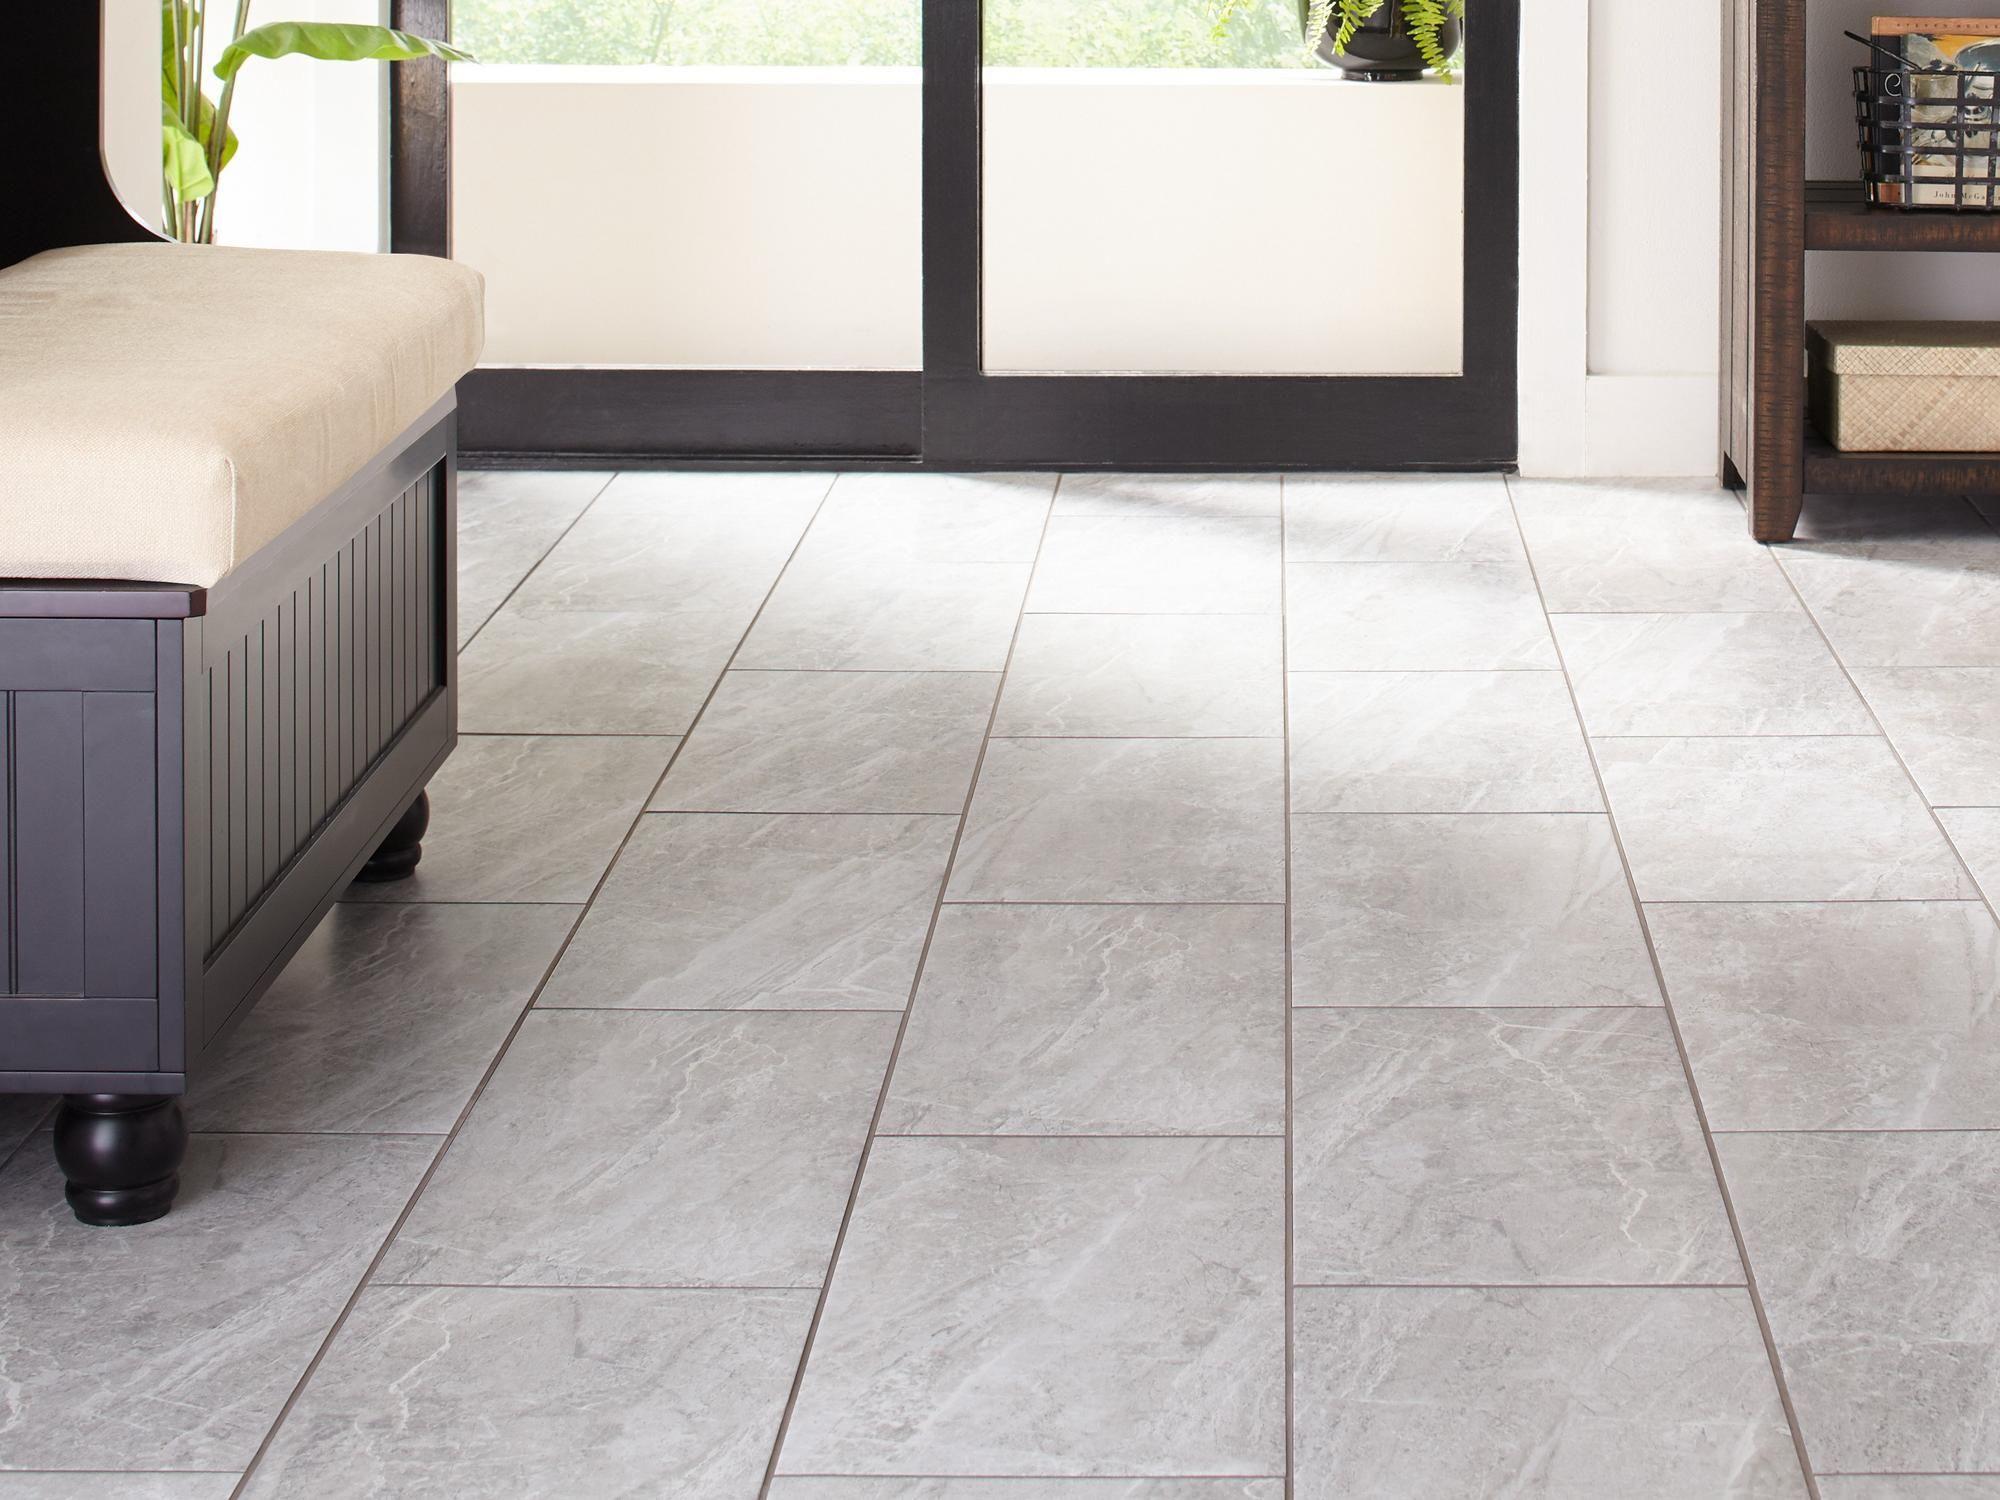 Nepal Gray Porcelain Tile Floor Decor Gray Porcelain Tile Porcelain Flooring Floor Decor